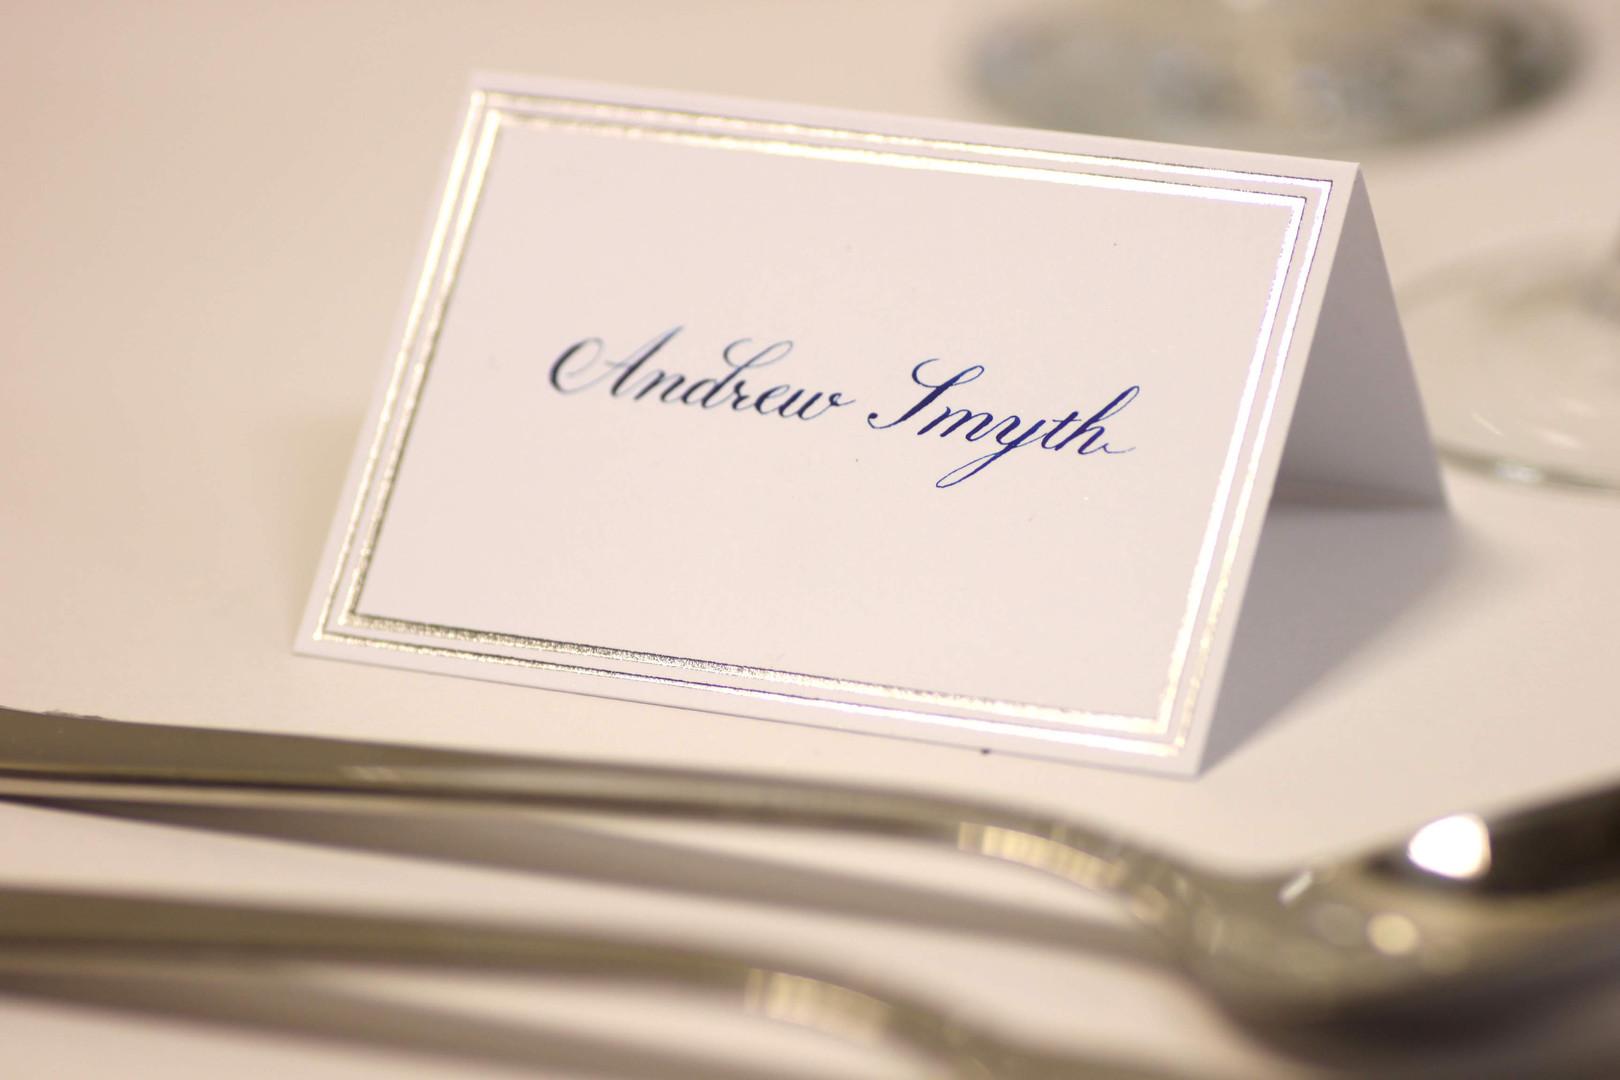 Andrew Smyth_place name.3. - Copy - Copy